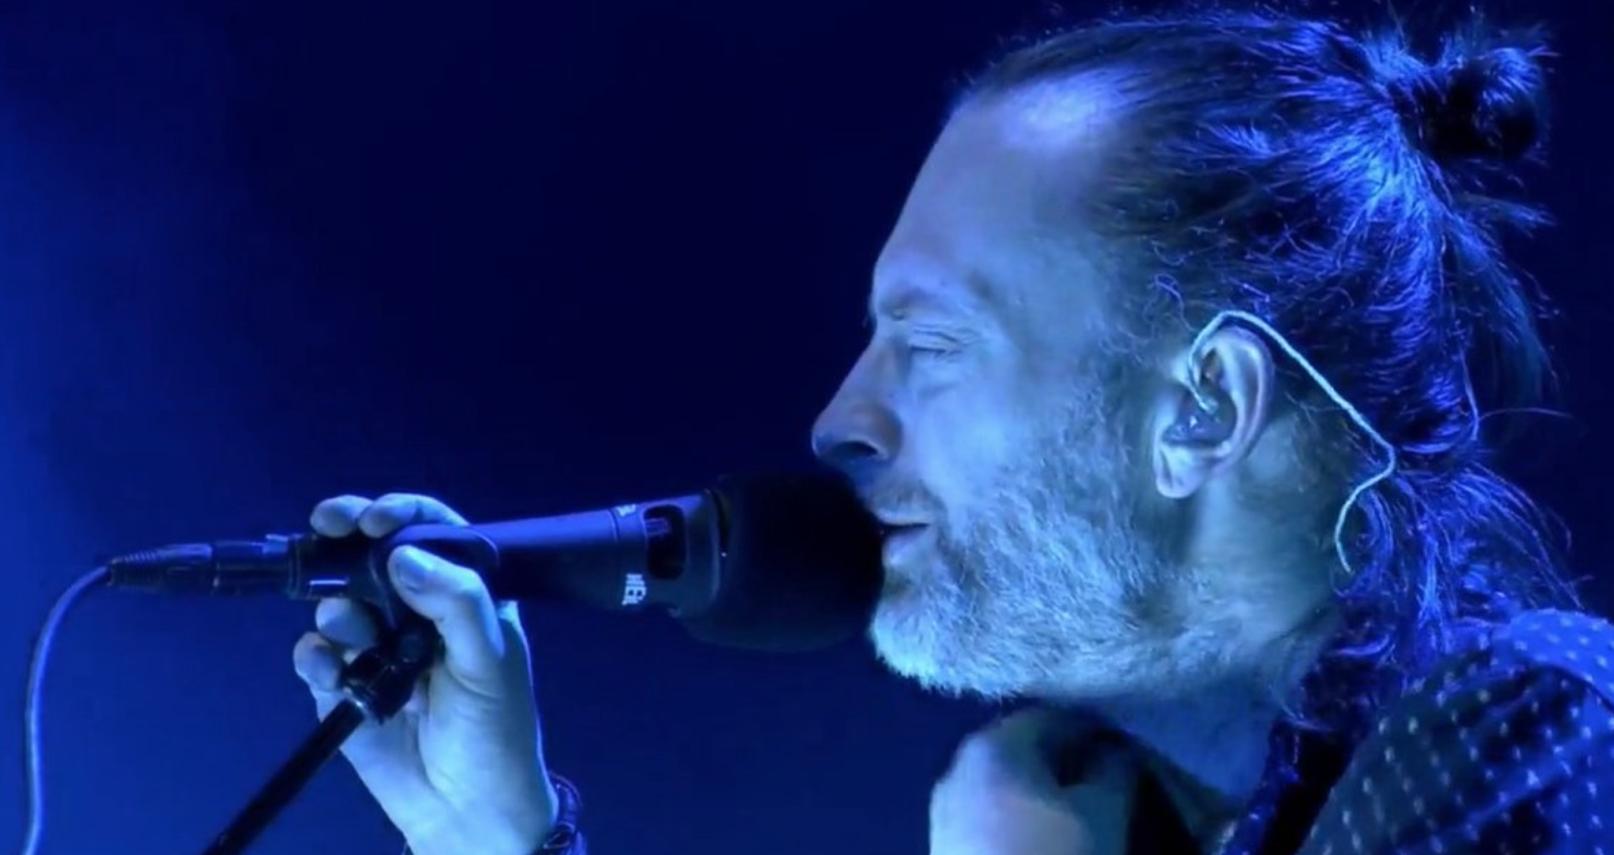 ¡Atención fans! Transmitirán el concierto de Radiohead en vivo por streaming